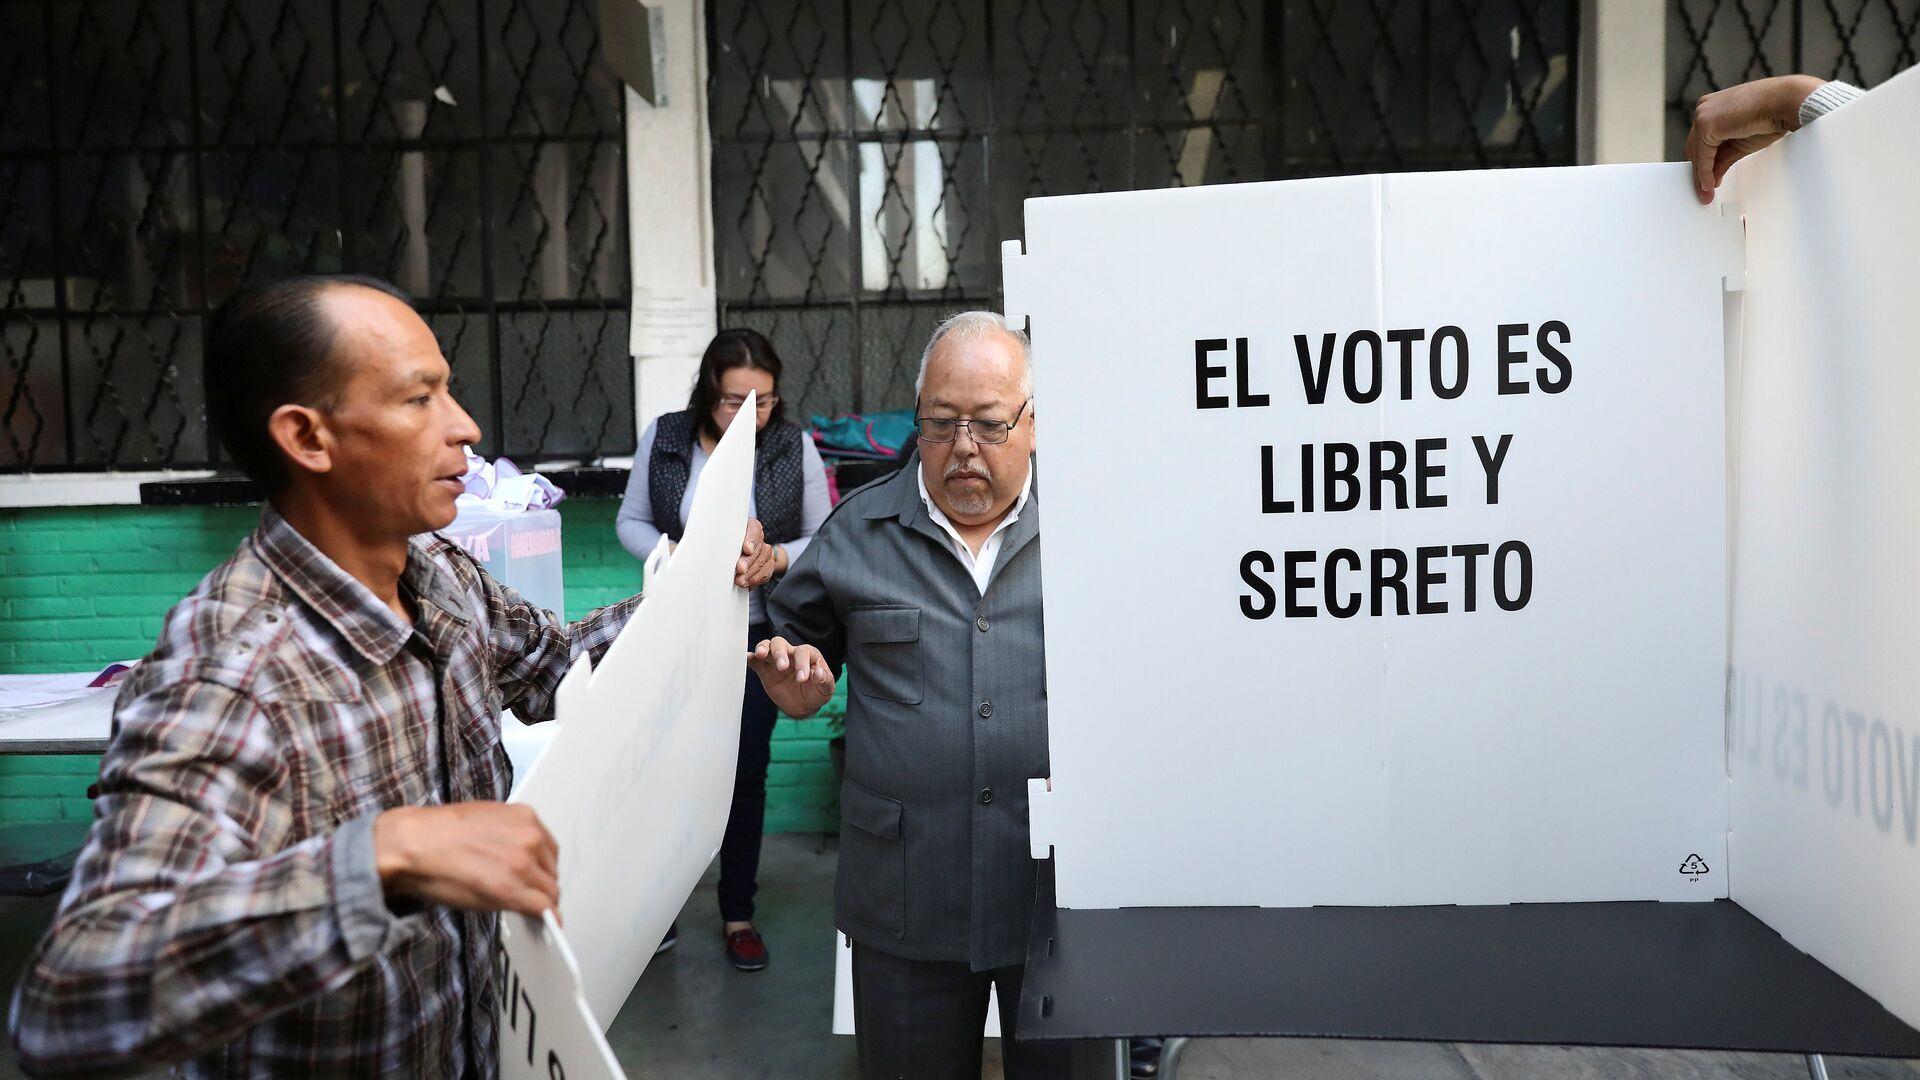 La preparación para las elecciones en México (archivo) - Sputnik Mundo, 1920, 04.06.2021